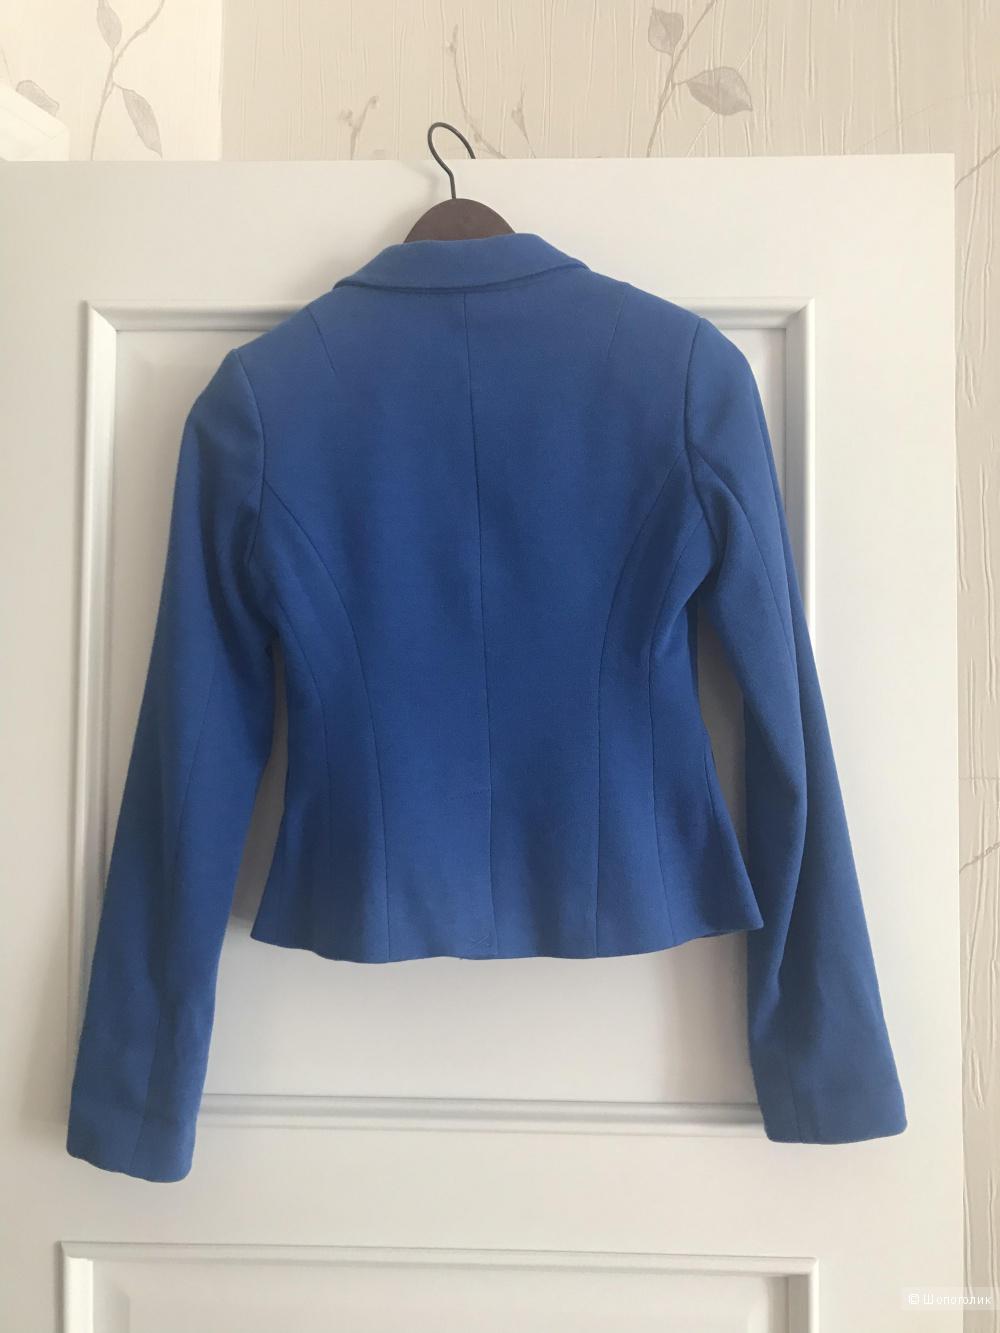 Пиджак Pimkie, размер XS